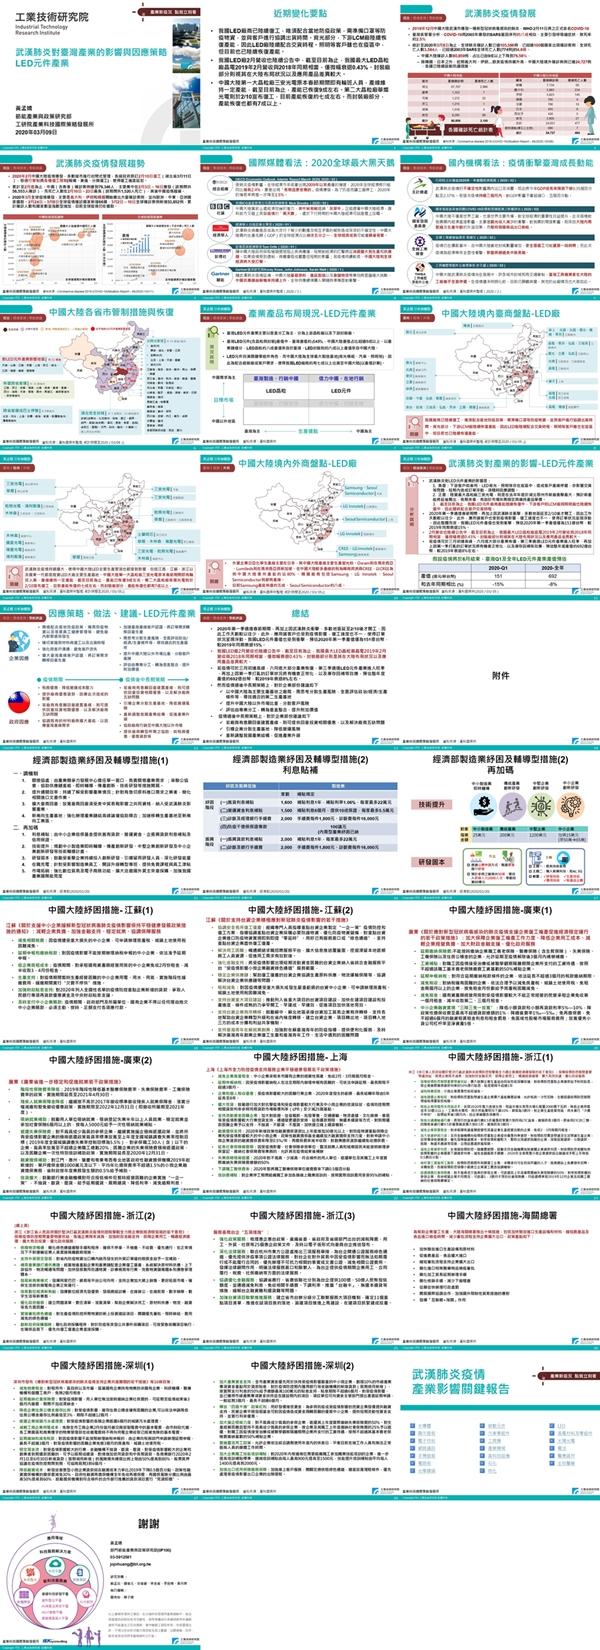 武漢肺炎疫情對臺灣產業影響